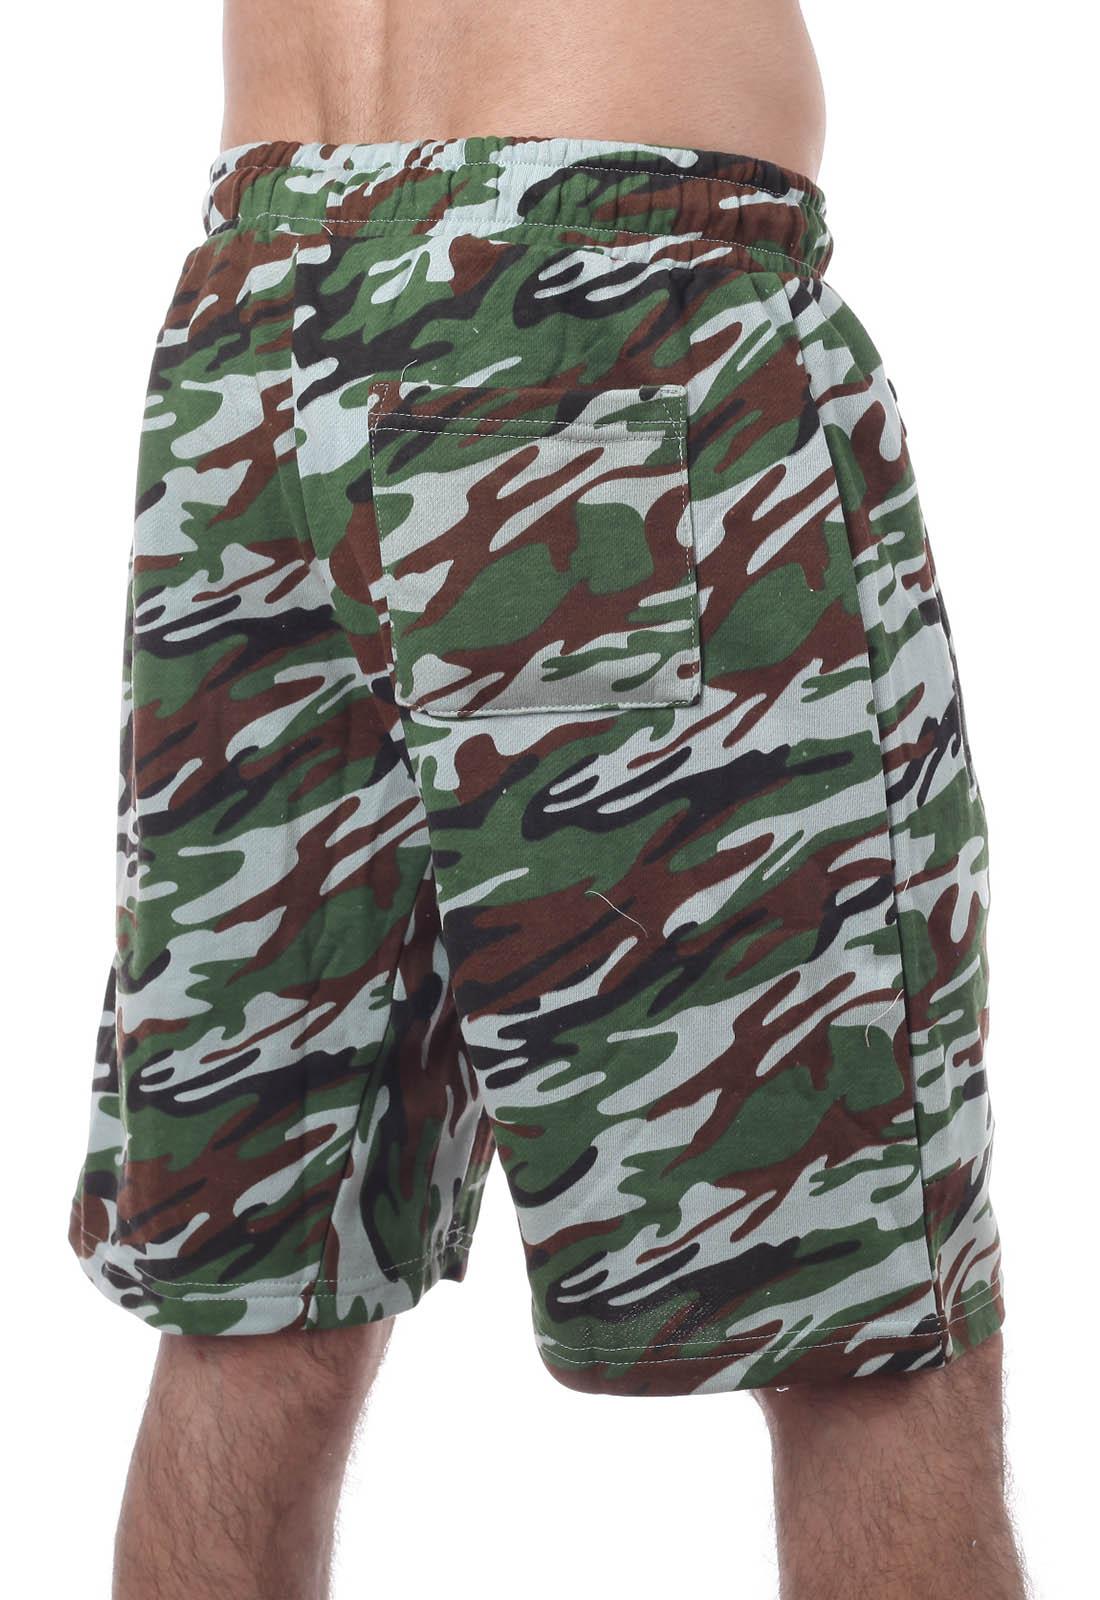 Повседневные камуфляжные шорты с нашивкой РХБЗ купить онлайн